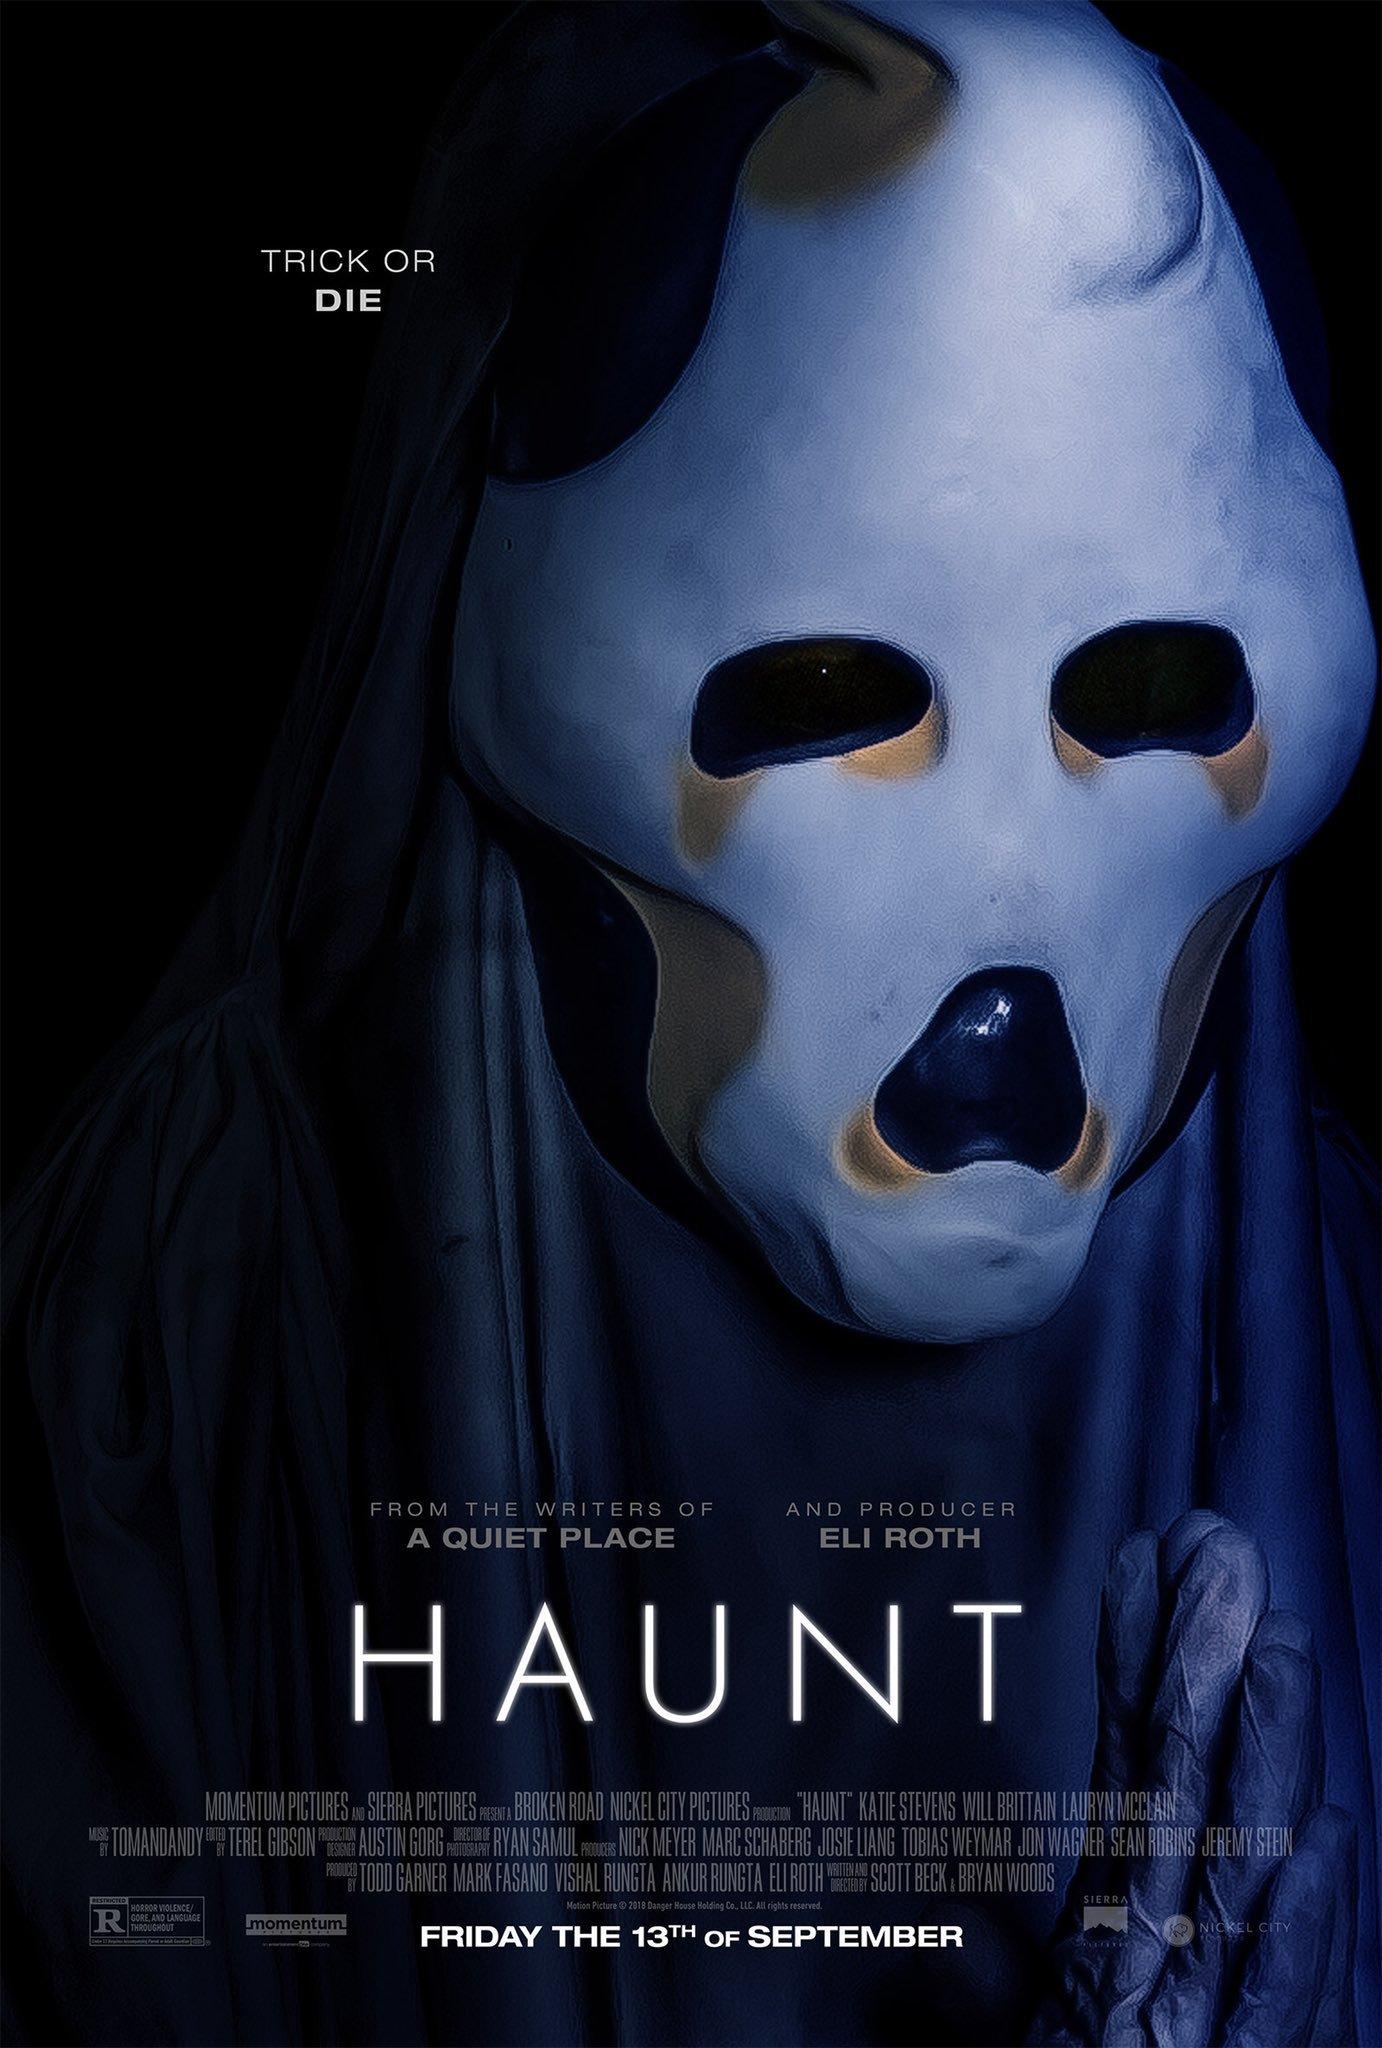 ดูหนัง Haunt (2019) บ้านผีสิงอำมหิต ดูหนังออนไลน์ฟรี ดูหนังฟรี ดูหนังใหม่ชนโรง หนังใหม่ล่าสุด หนังแอคชั่น หนังผจญภัย หนังแอนนิเมชั่น หนัง HD ได้ที่ movie24x.com